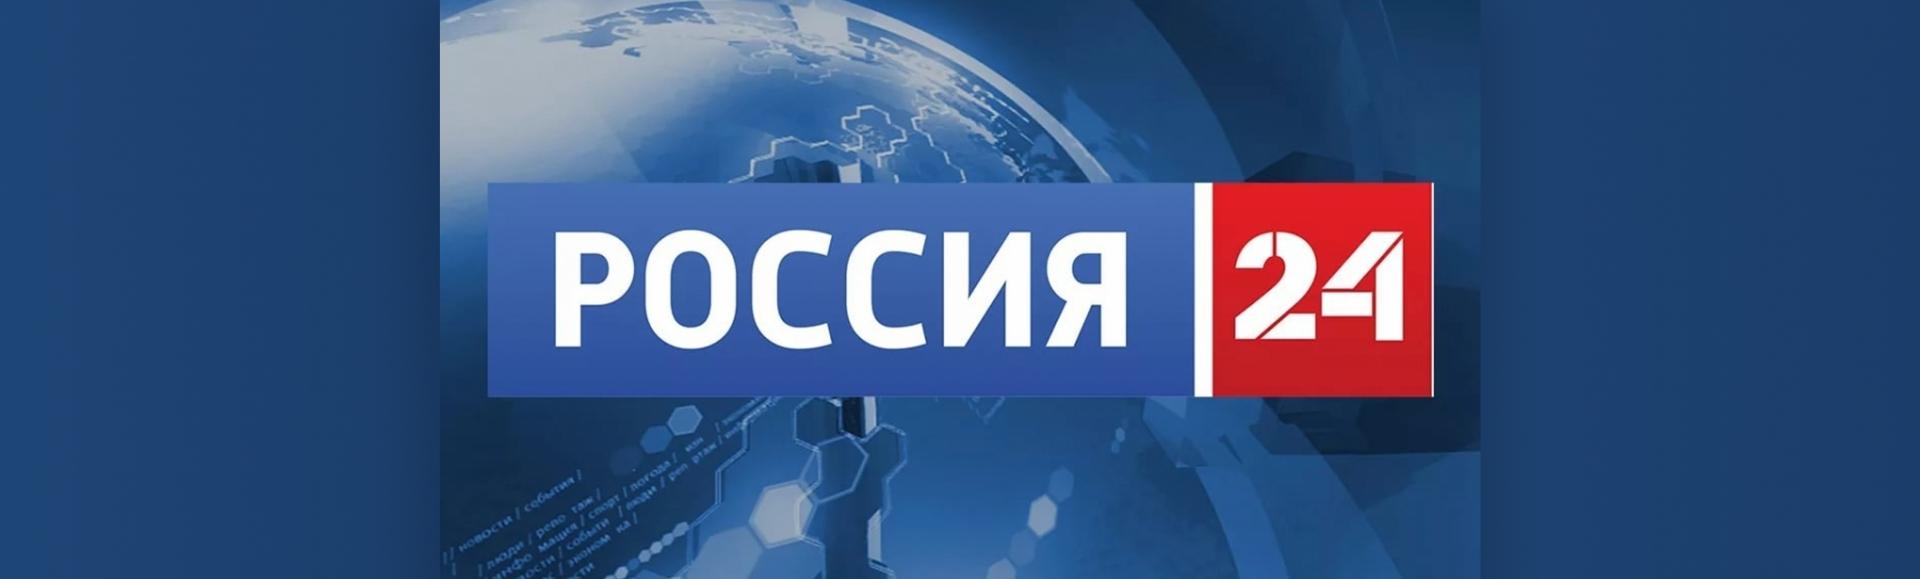 Արցախին օգնելու ցանկությունը համախմբել է ողջ Հայաստանը. Россия 24-ի անդրադարձը